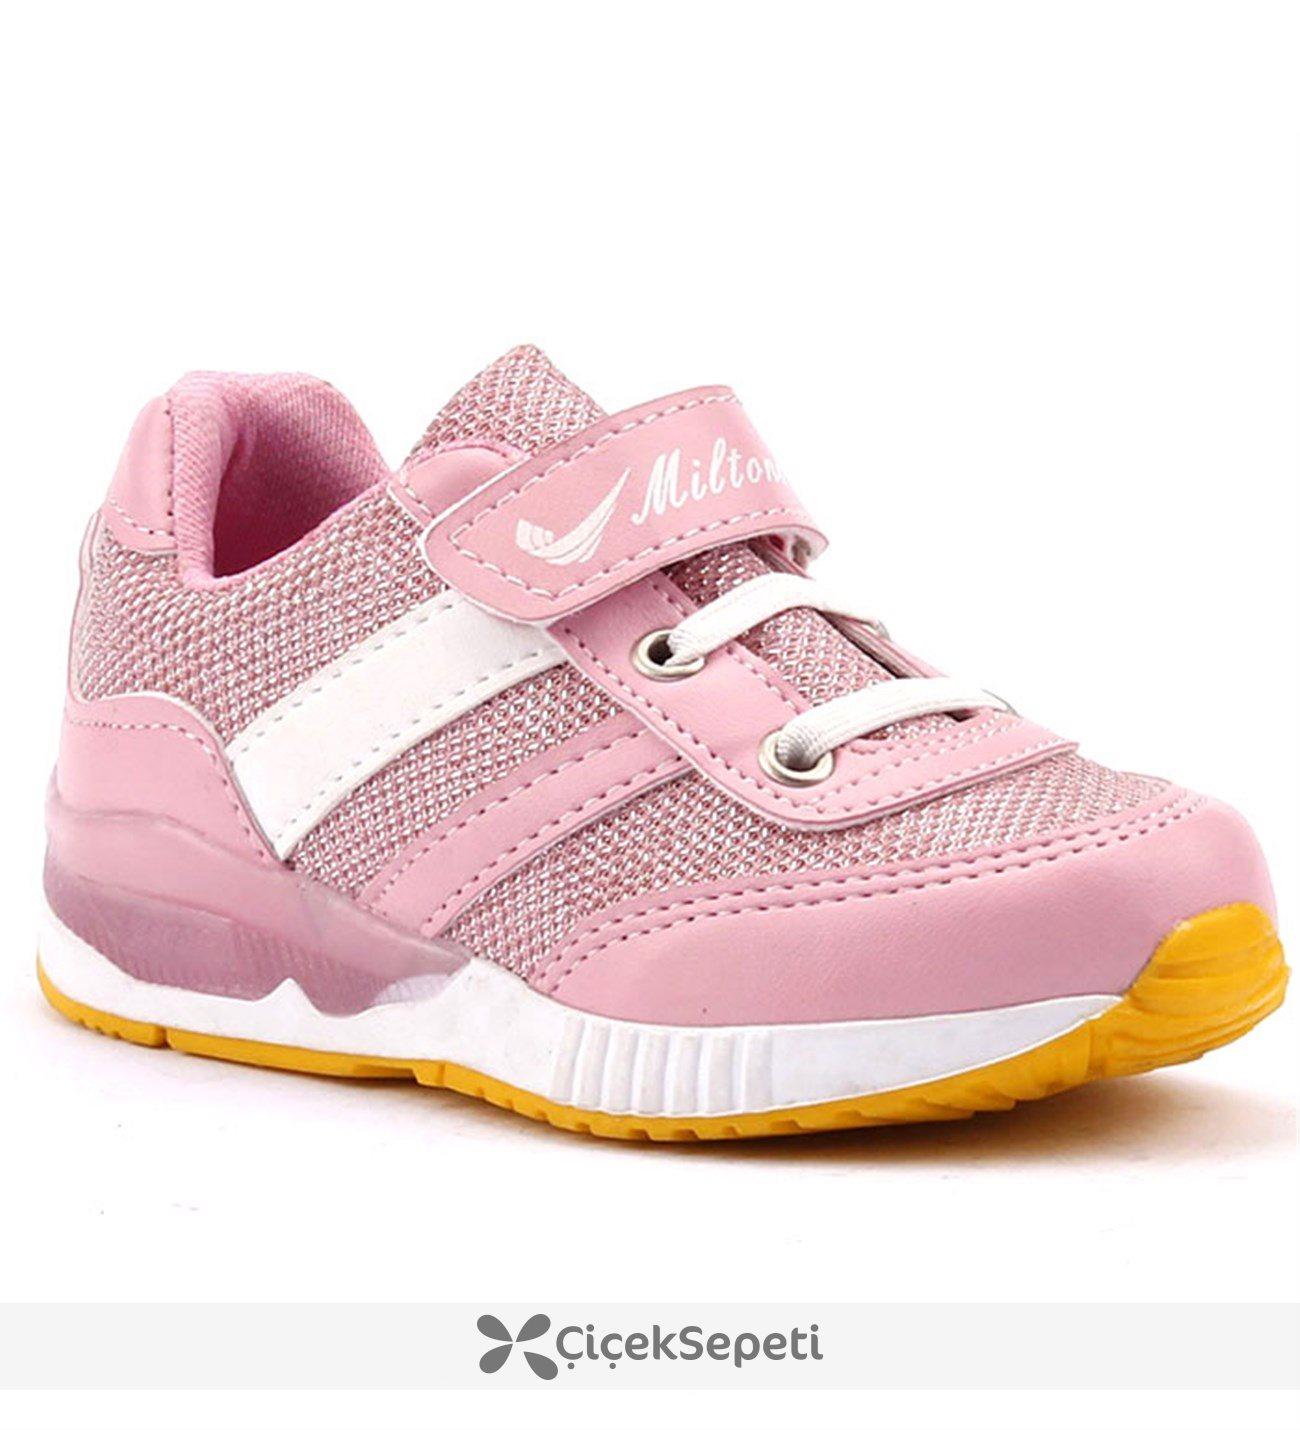 Miltone Günlük Yürüyüş Cırtlı Kız Çocuk Spor Ayakkabı Pembe